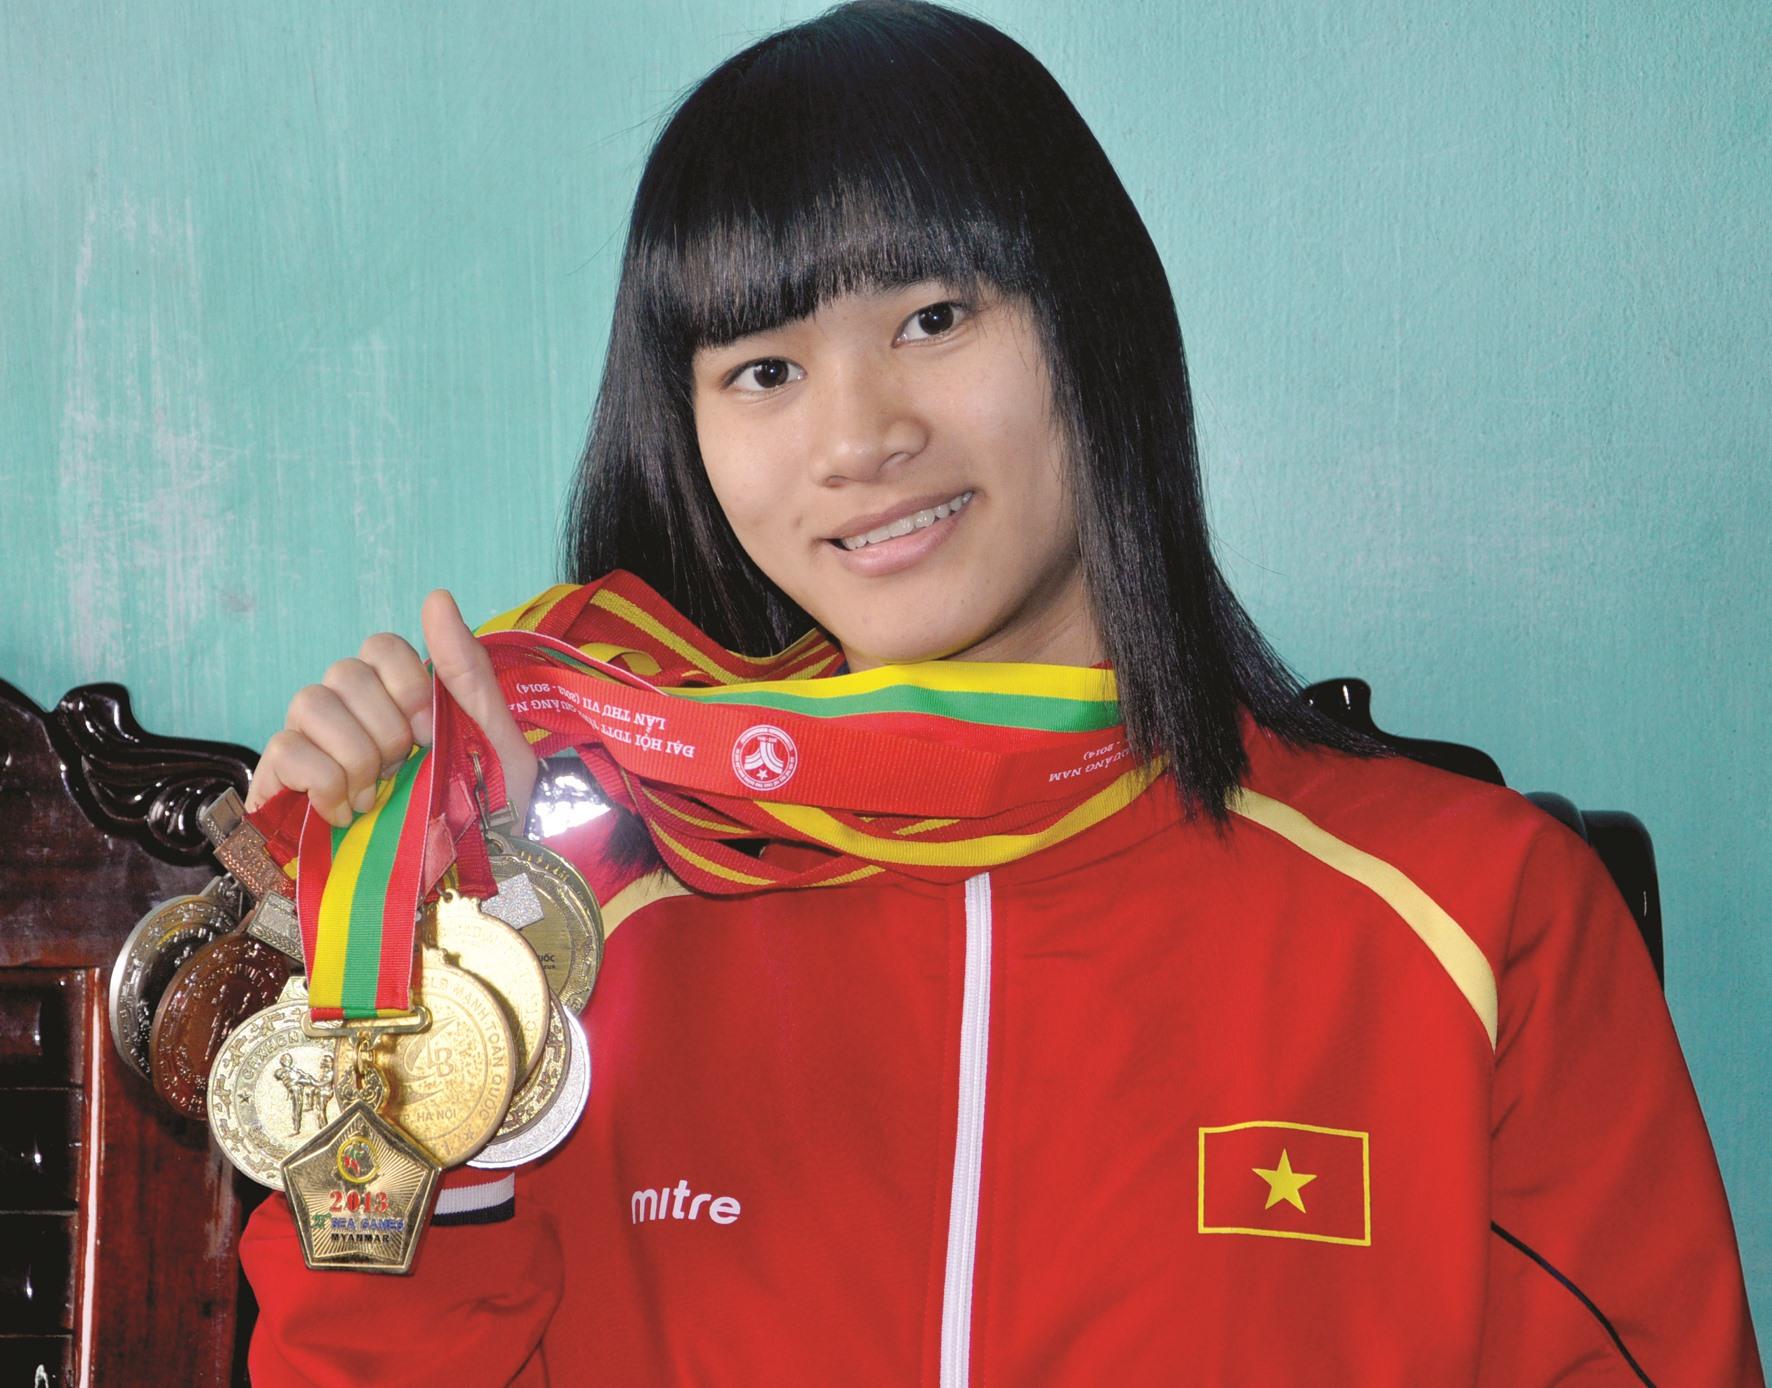 Phạm Thị Thu Hiền sưu tập bảng vàng thành tích đáng nể sau gần 10 năm thi đấu đỉnh cao. Ảnh: A.S